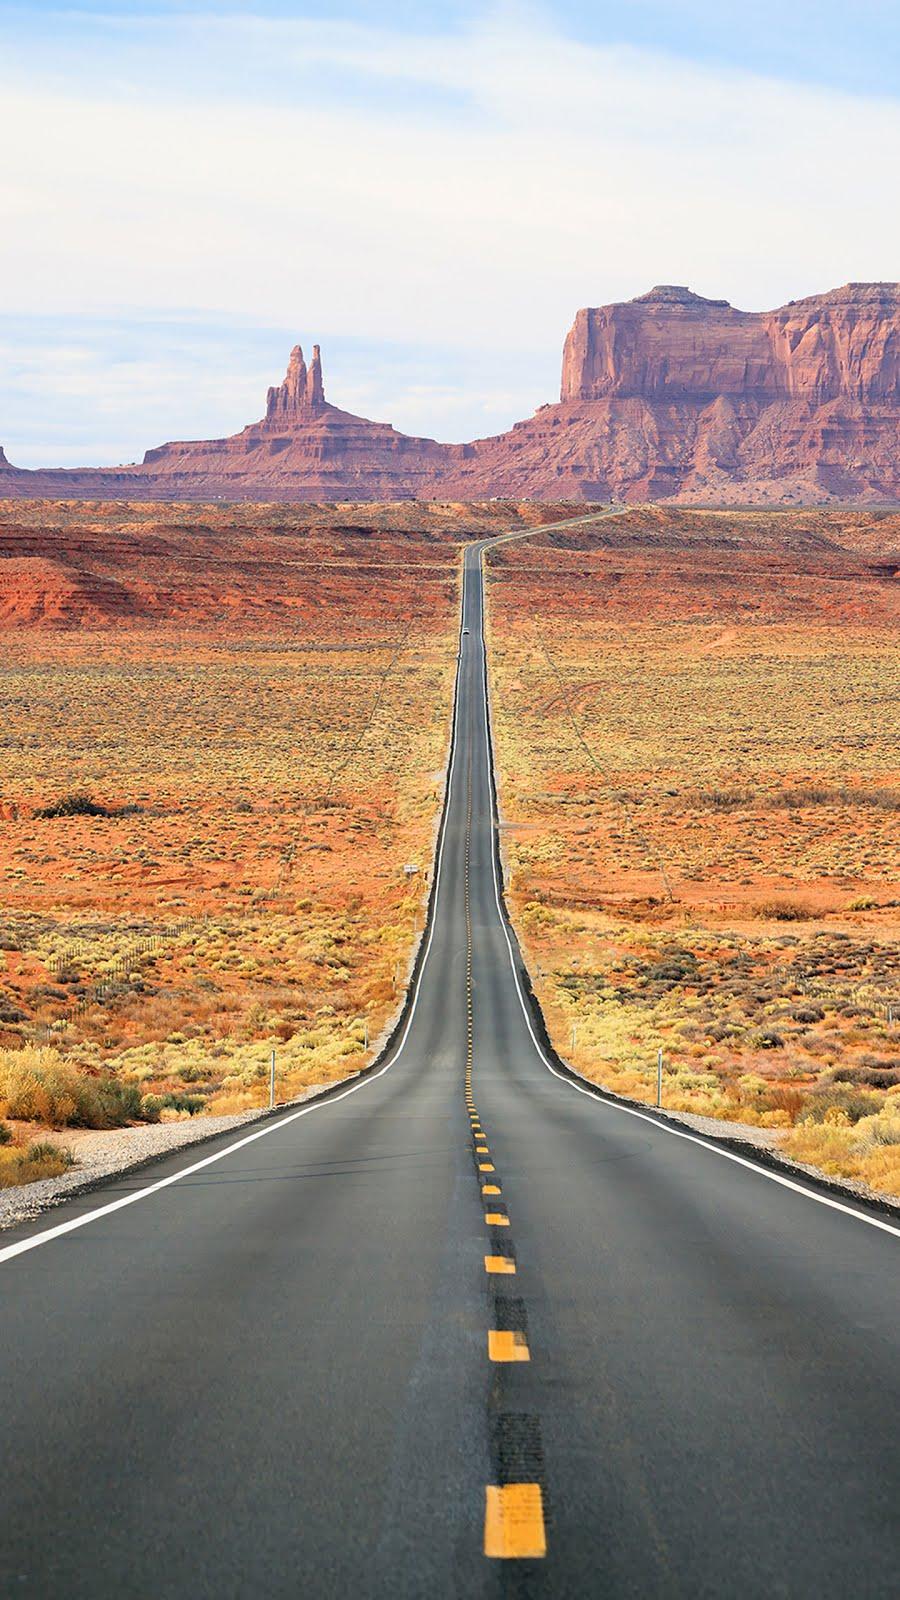 Çölde asfalt yol fotoğrafı